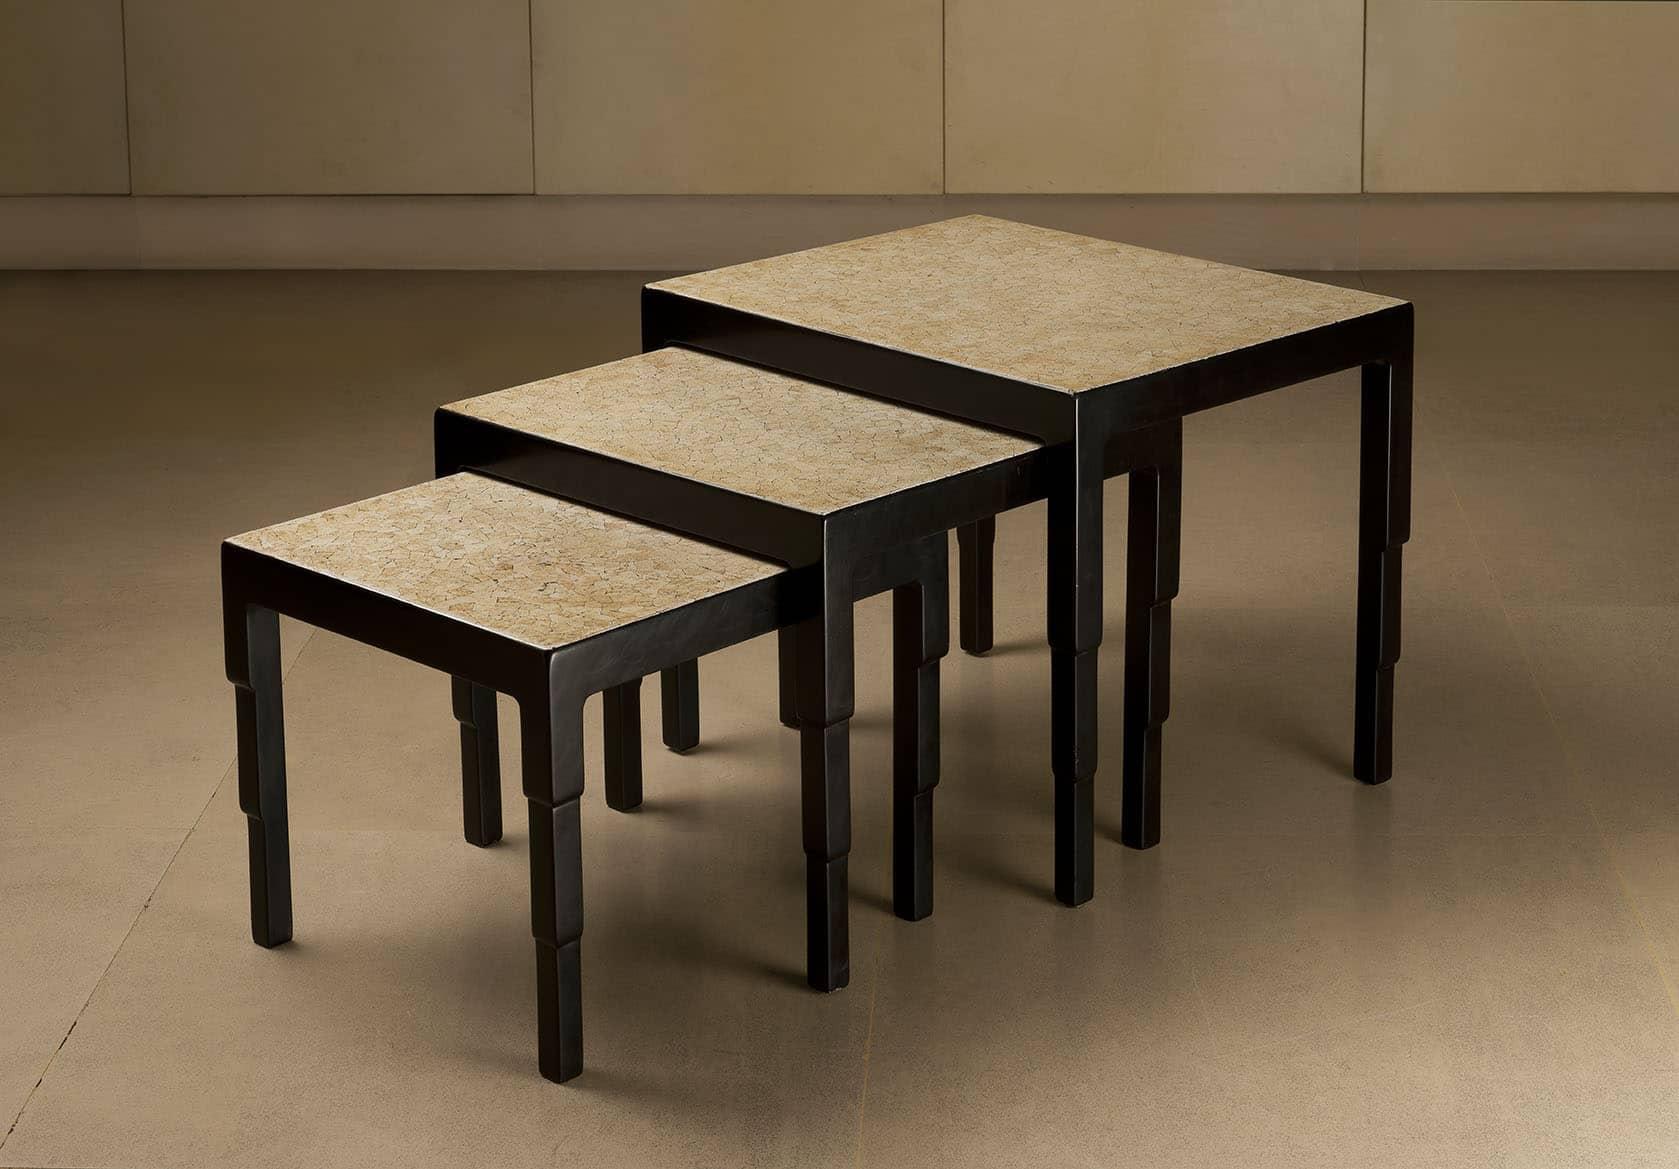 Ensemble de trois tables basses gigognes en laque noire et plateaux recouverts de coquille d'œuf, reposant sur des pieds gradins inversés